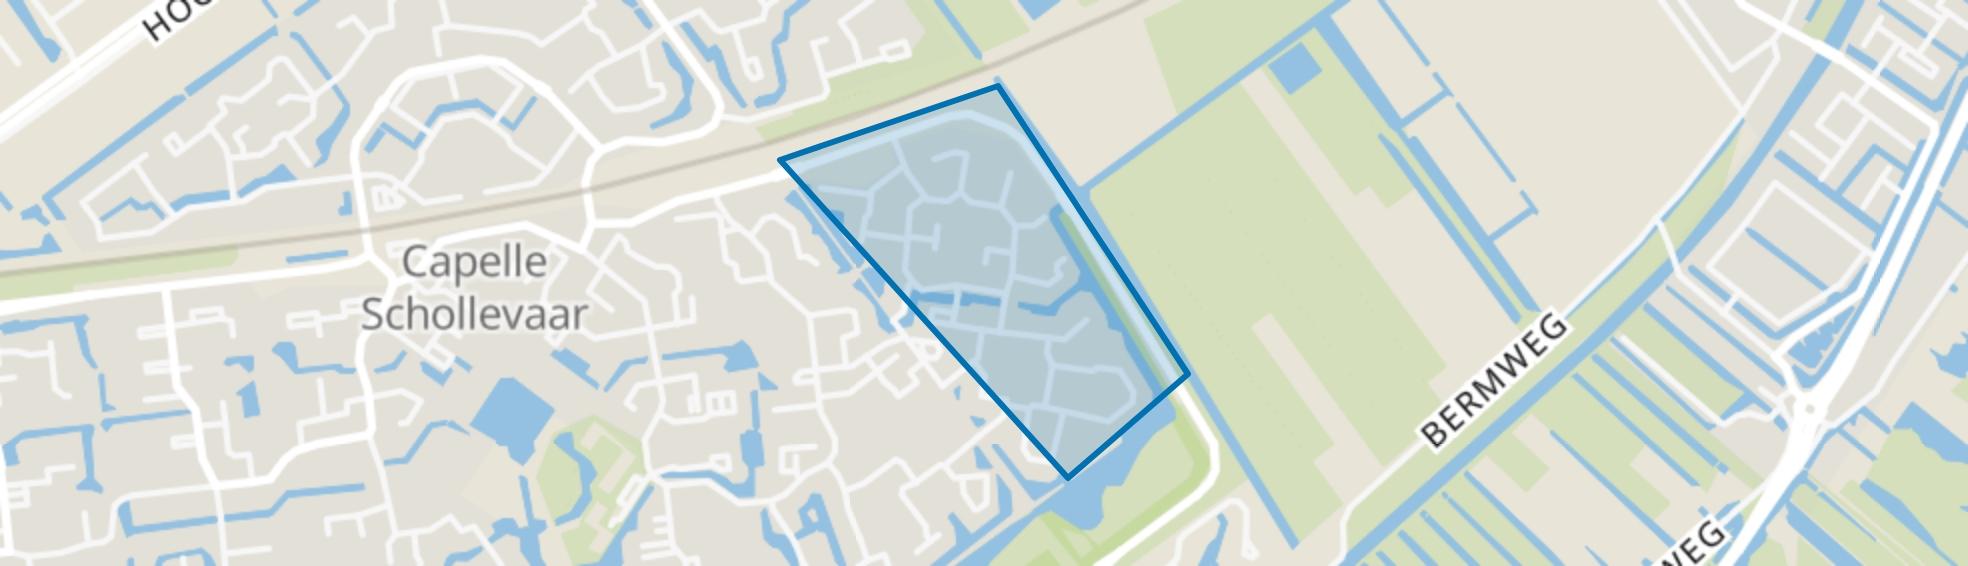 Schildersvormenbuurt, Capelle aan den IJssel map